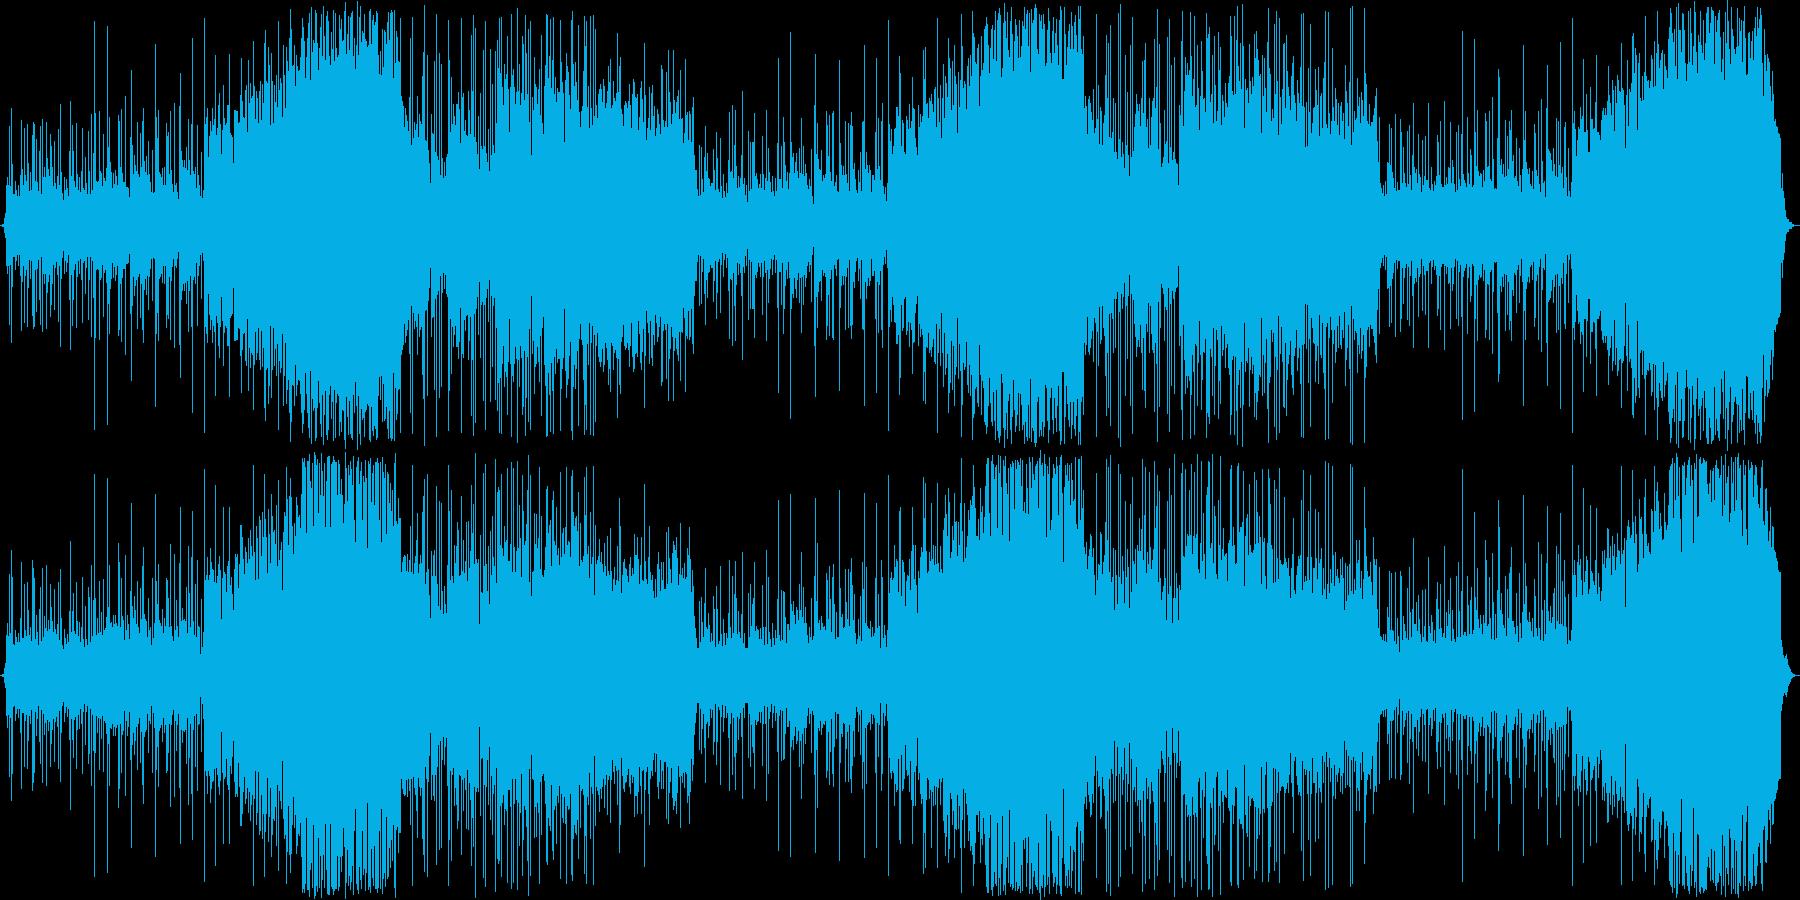 民族楽器を使った戦闘BGMの再生済みの波形